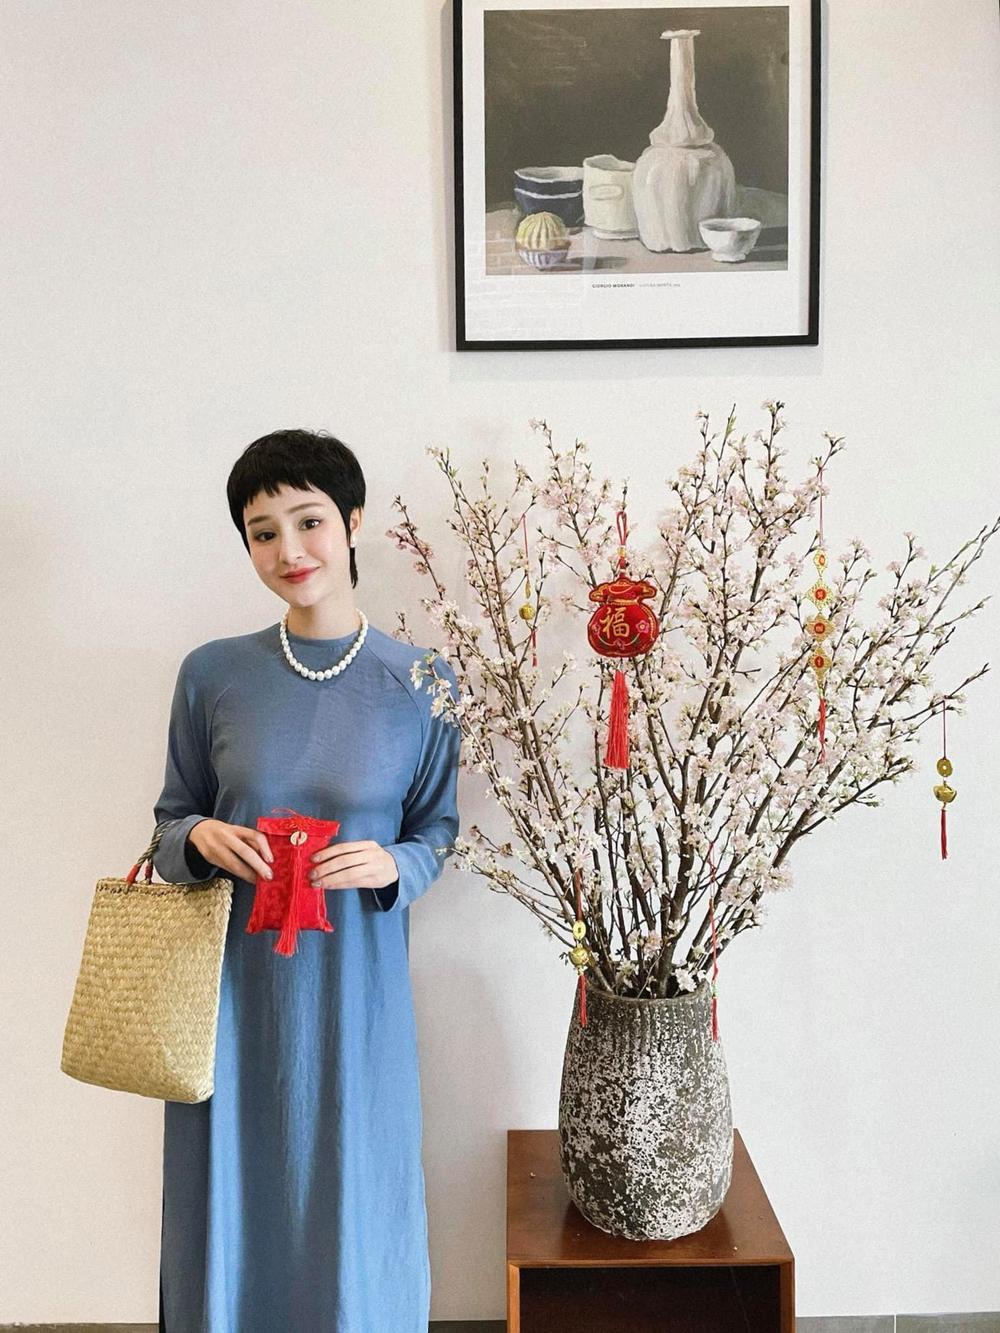 Sao Việt mùng 1 Tết Tân Sửu: Gia đình Hà Hồ đỏ rực 'xuất hành', Lan Ngọc khoe nhan sắc mặn mà cuốn hút Ảnh 6